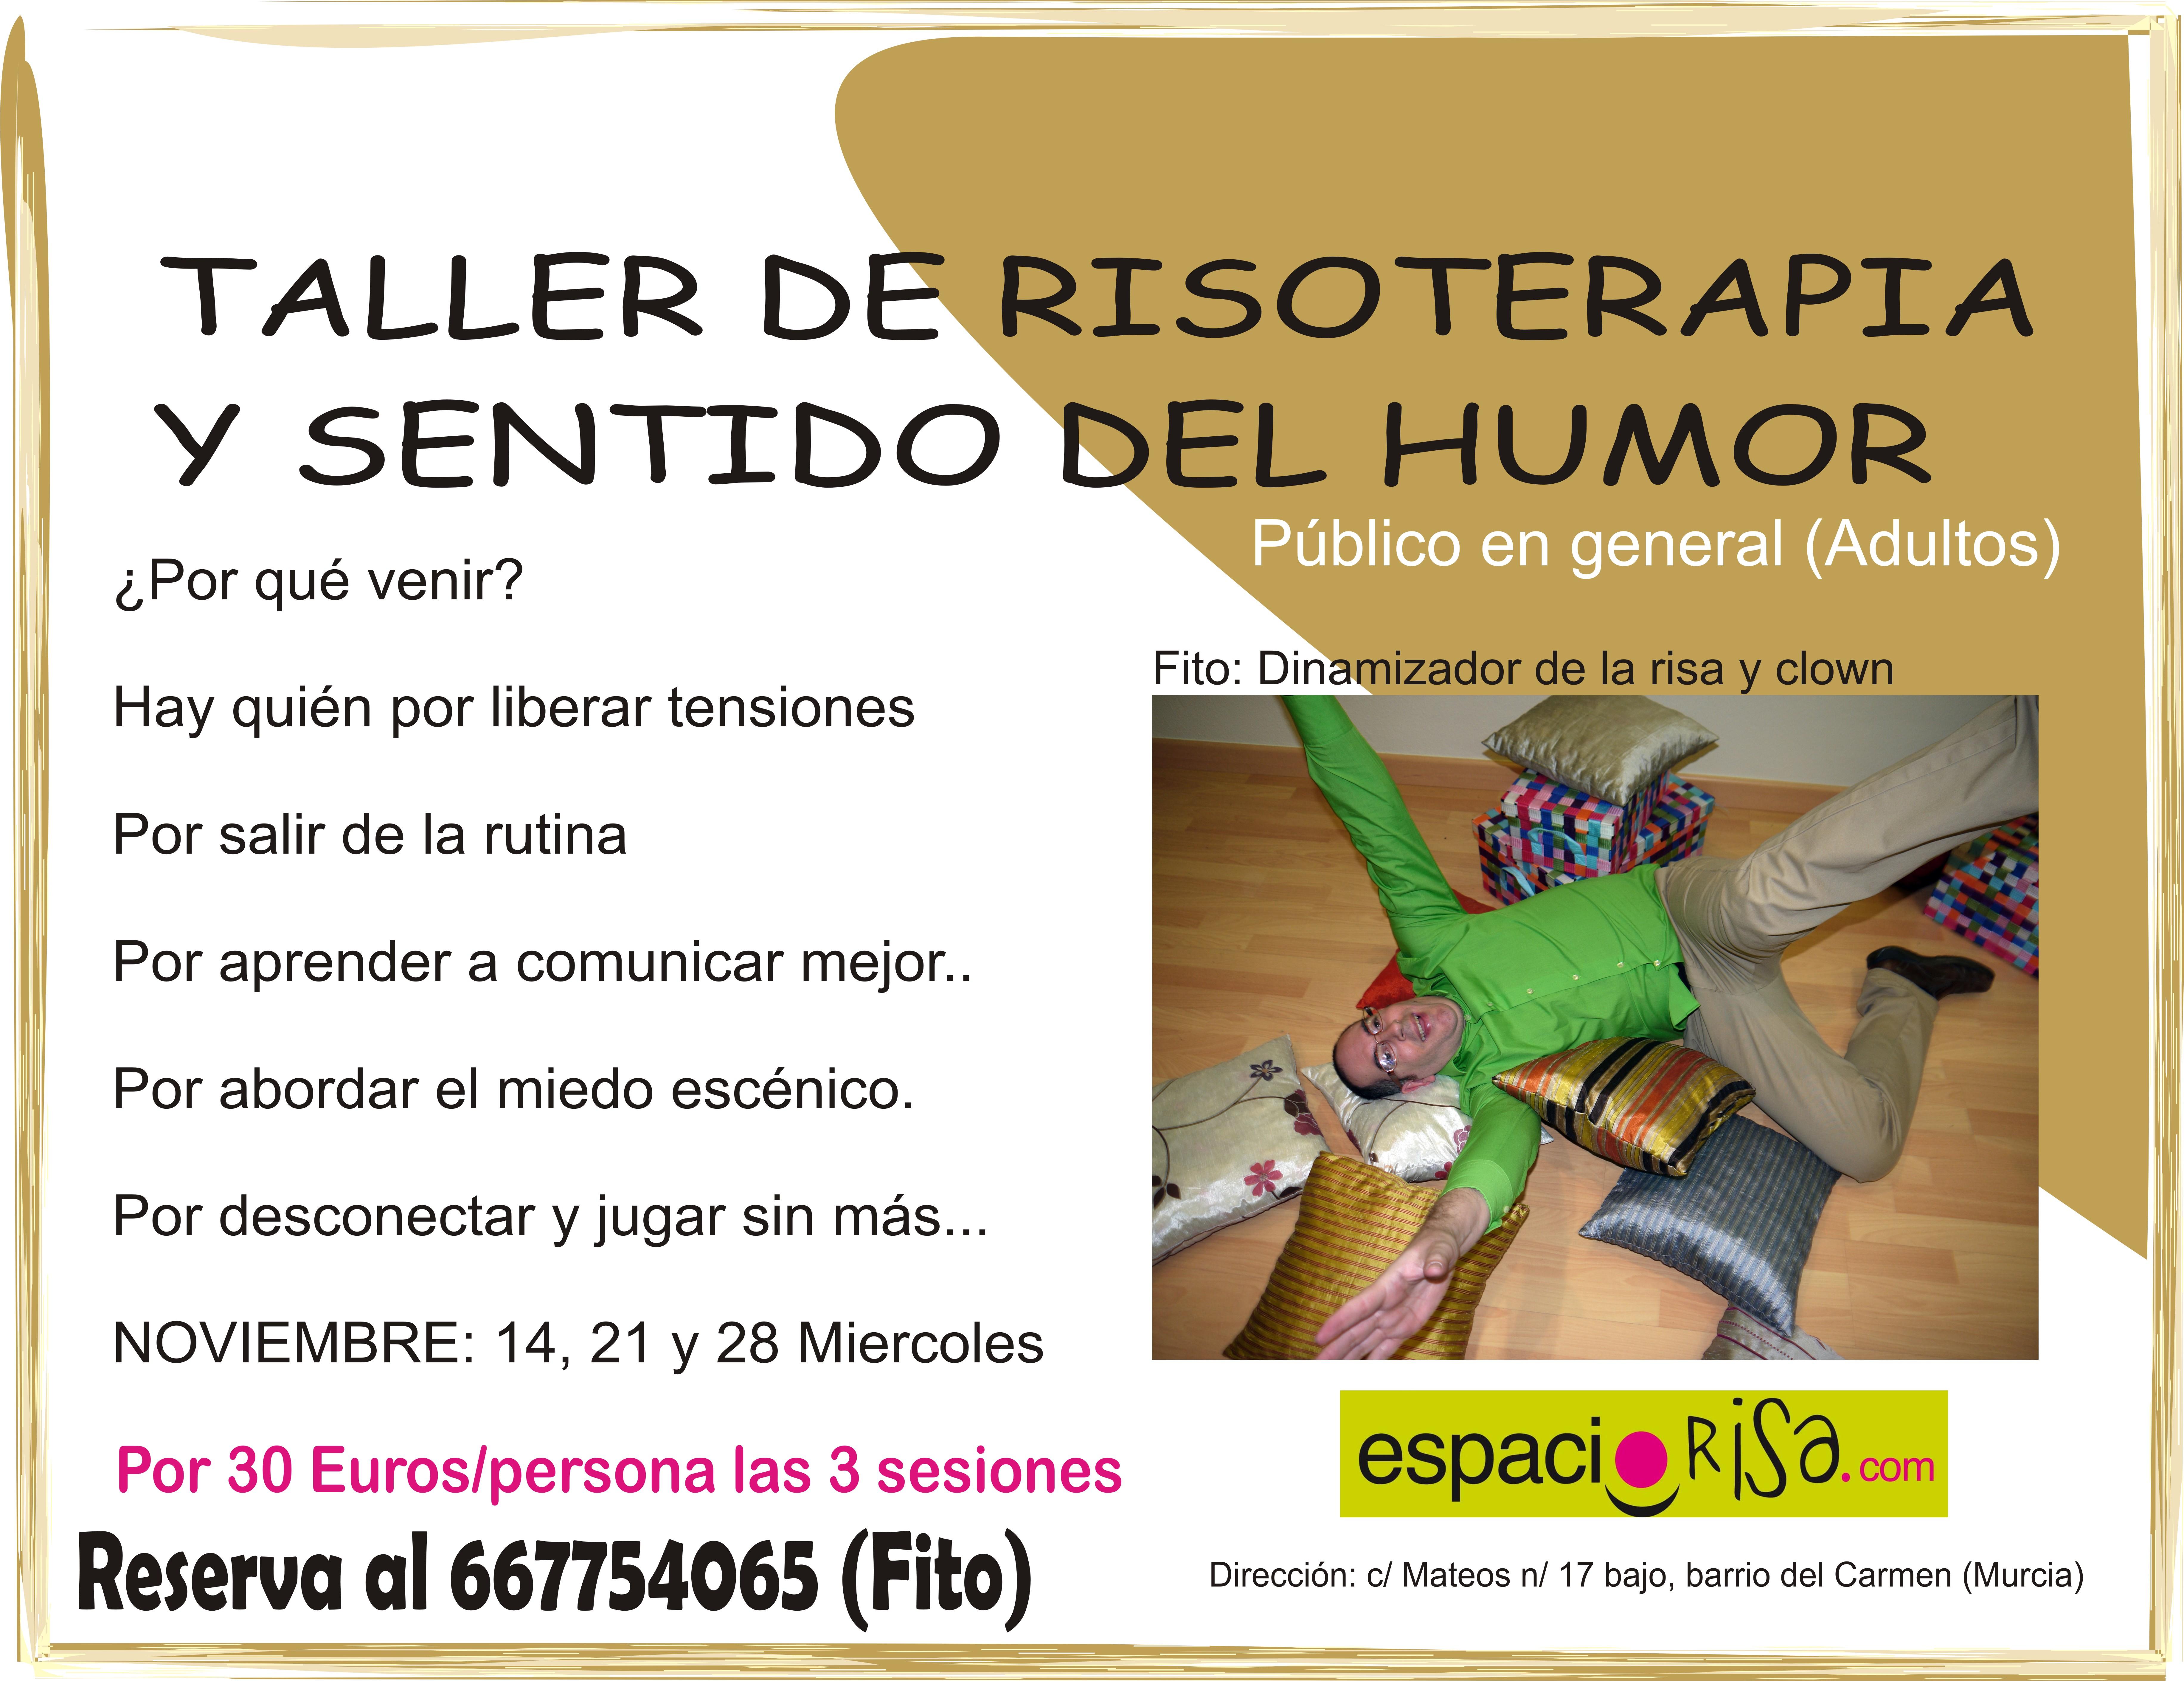 Próximo taller de risoterapia en (MURCIA) Noviembre, los días 14,21 y 28 de 19:00h a 20:30h